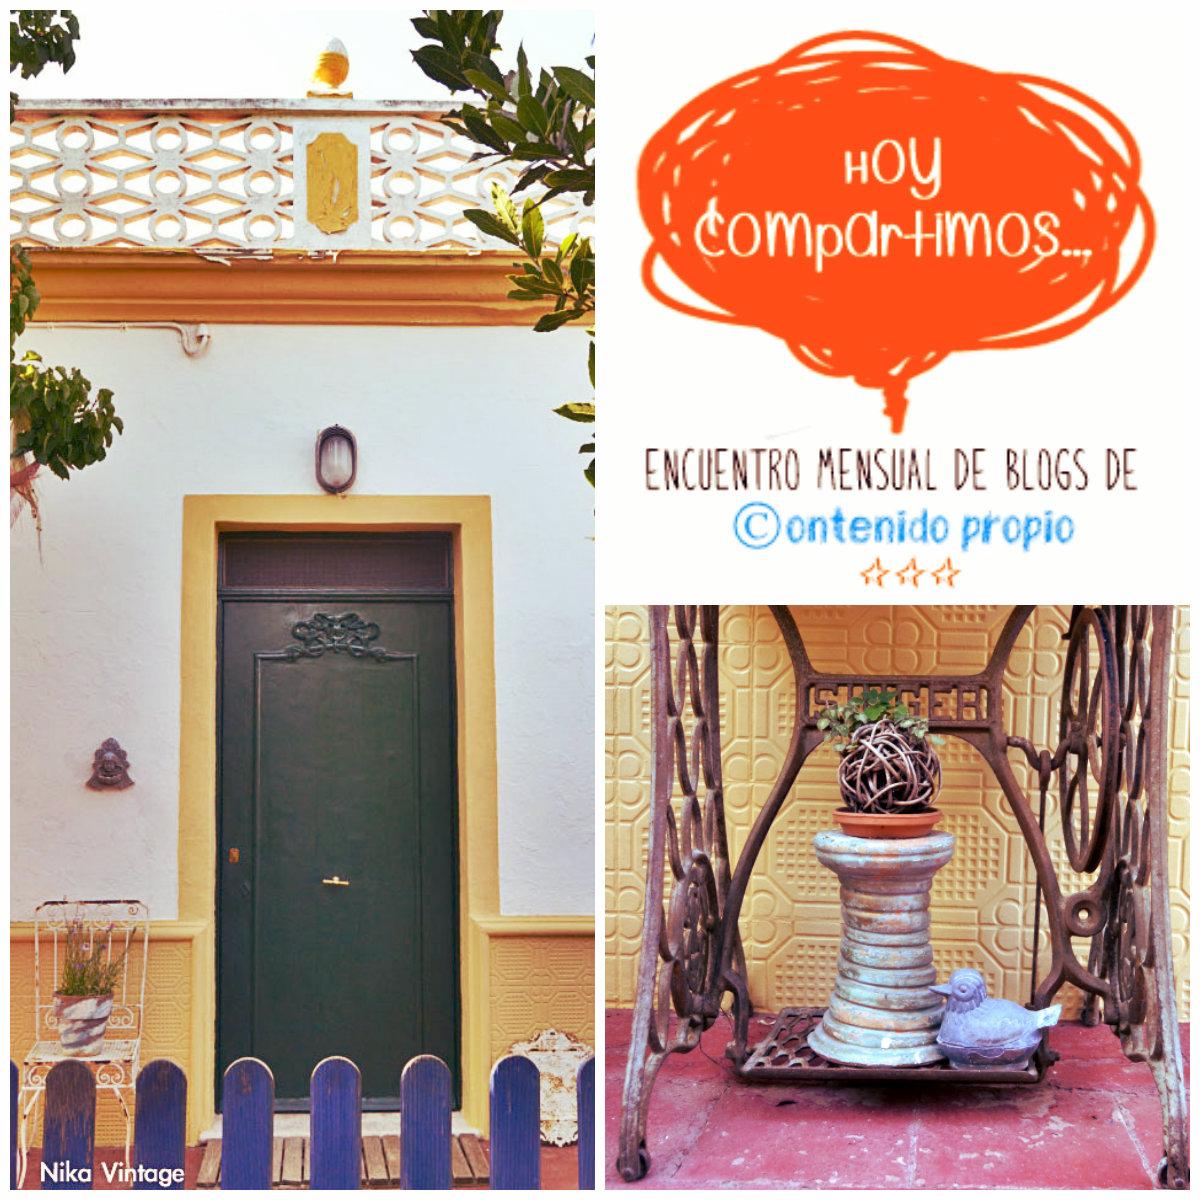 hoy compartimos, blog hop, jardin, menorca, vintage, decoracion, puerta menorquina, entrada